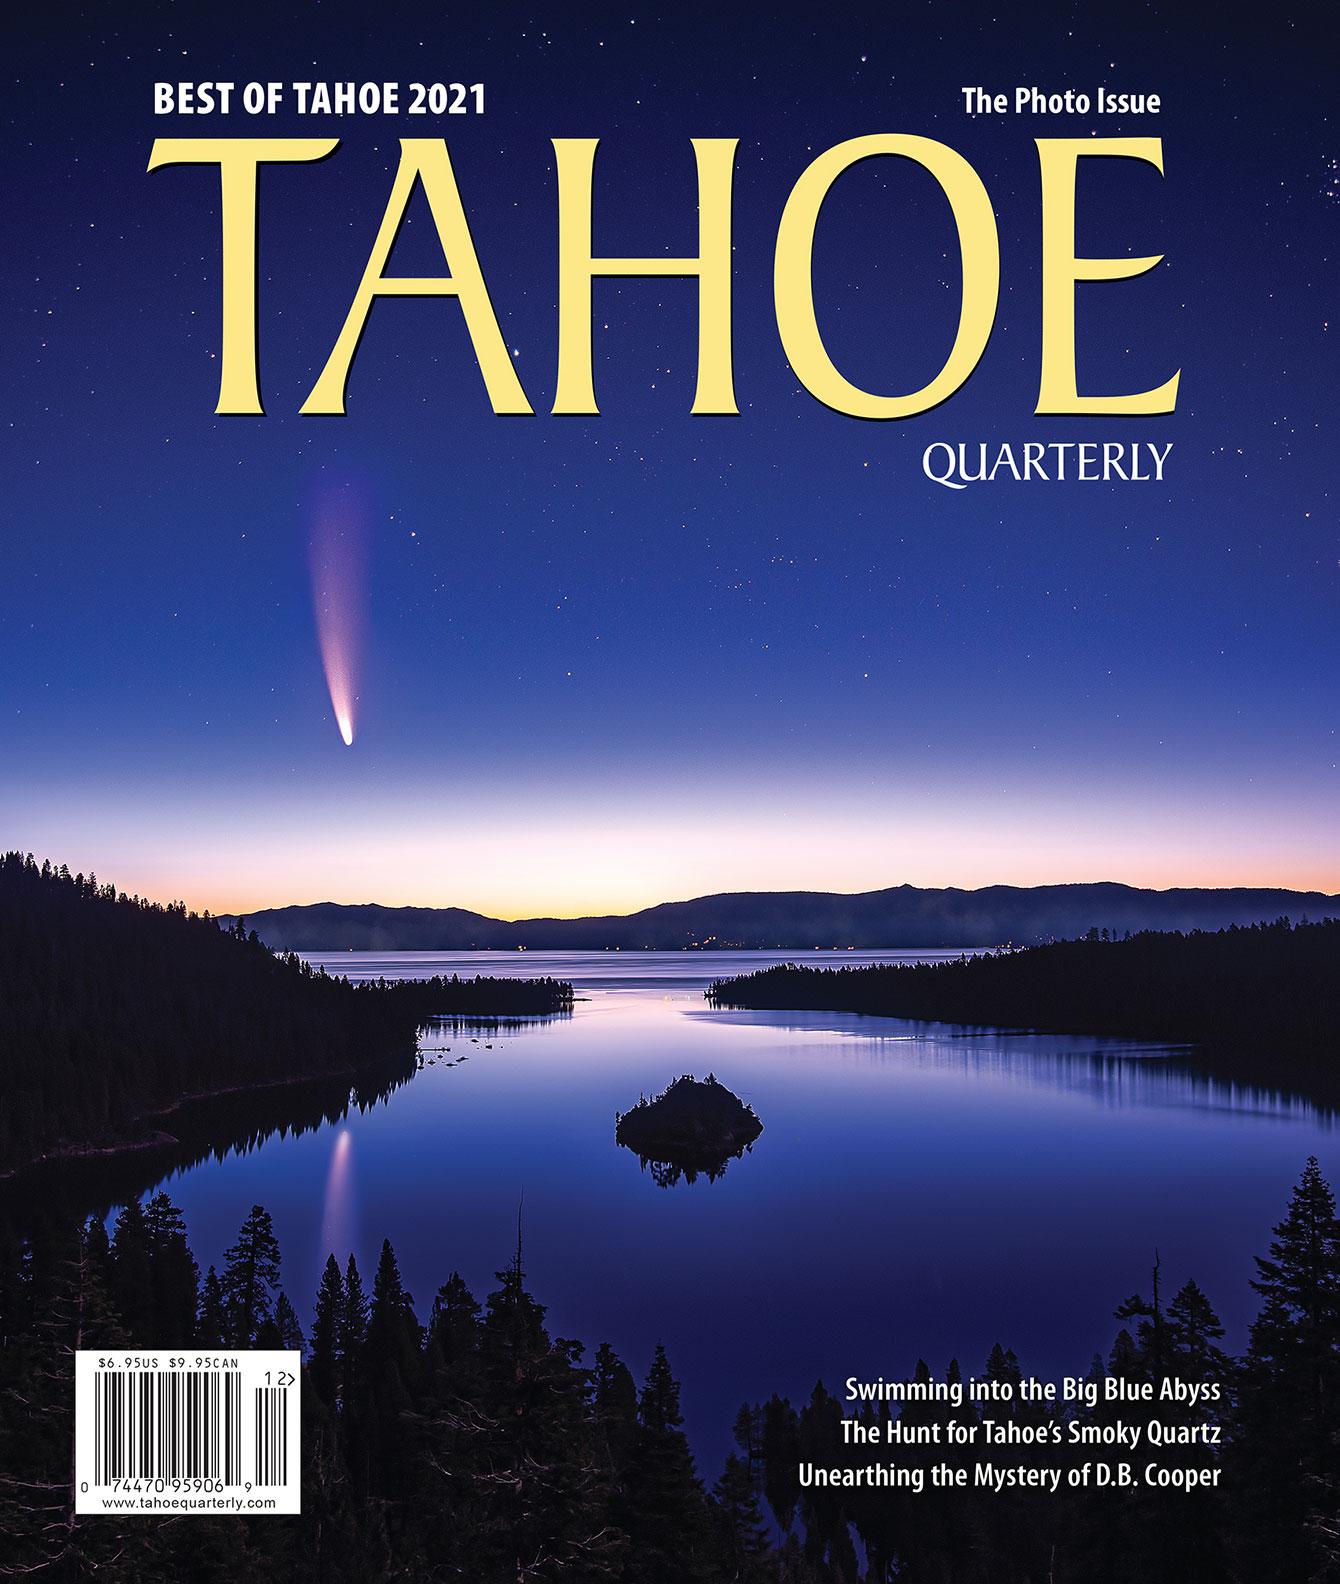 Best of Tahoe 2021